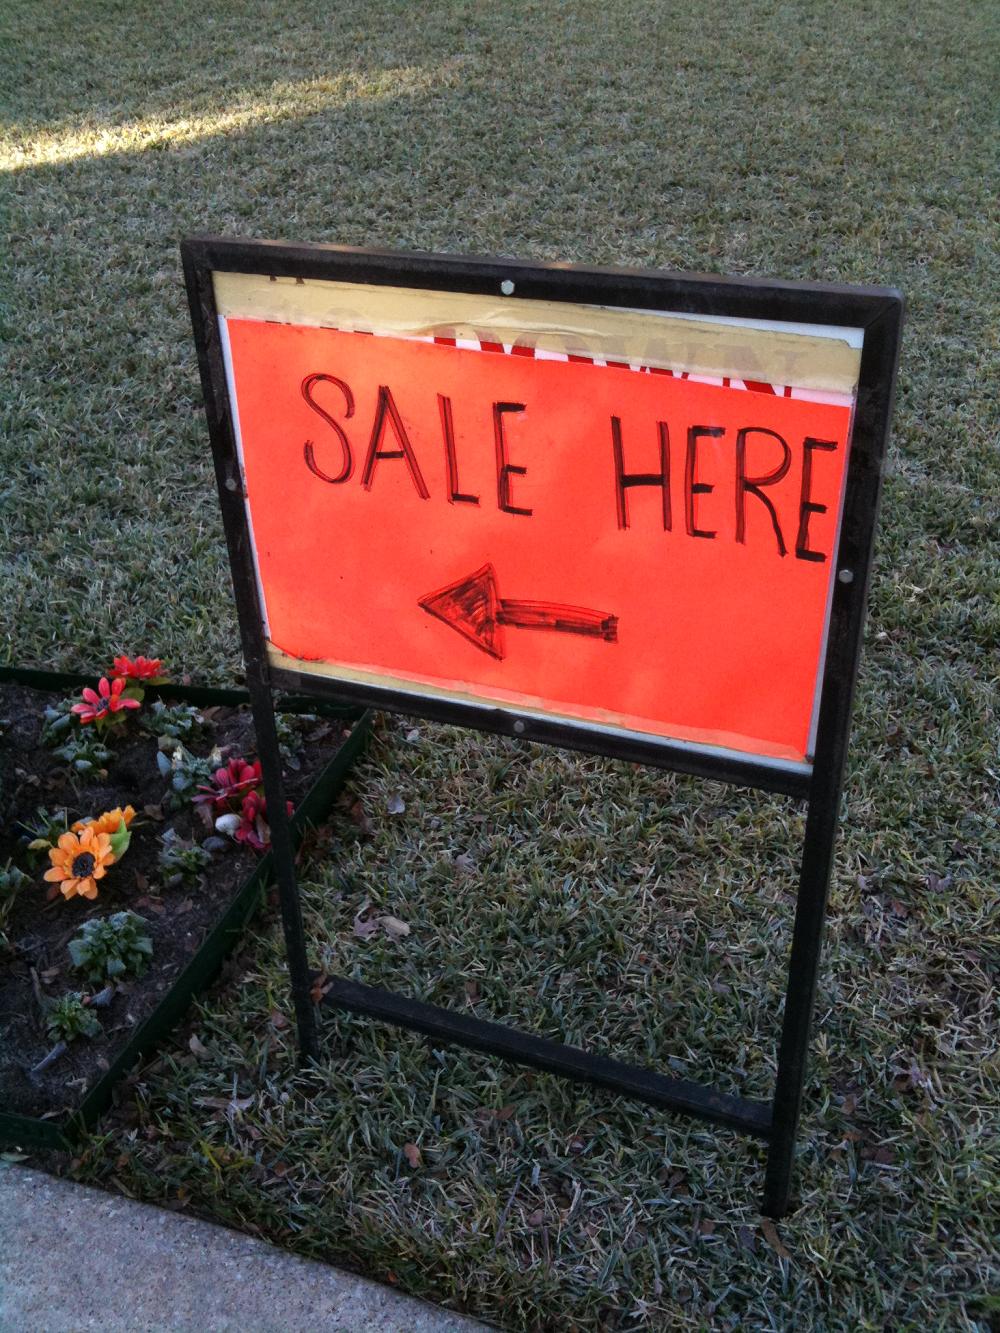 25 tips for shopping estate sales #vintageunscripted #vintageblog #vintage #vintagelifestyle